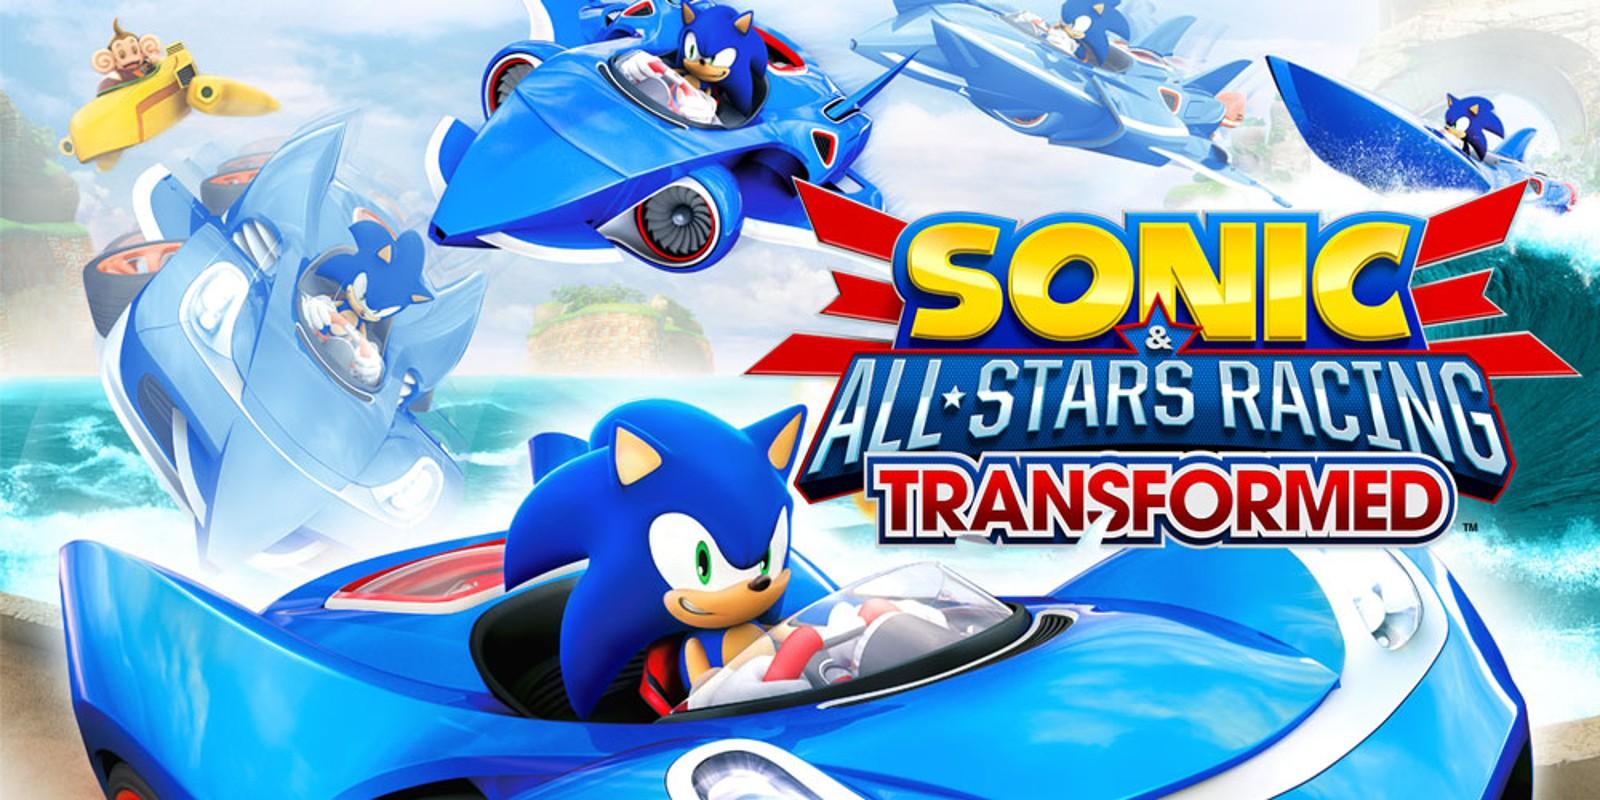 SI WiiU SonicAndAllStarsRacingTransformed image1600w - Por que Mario foi para frente e Sonic não?